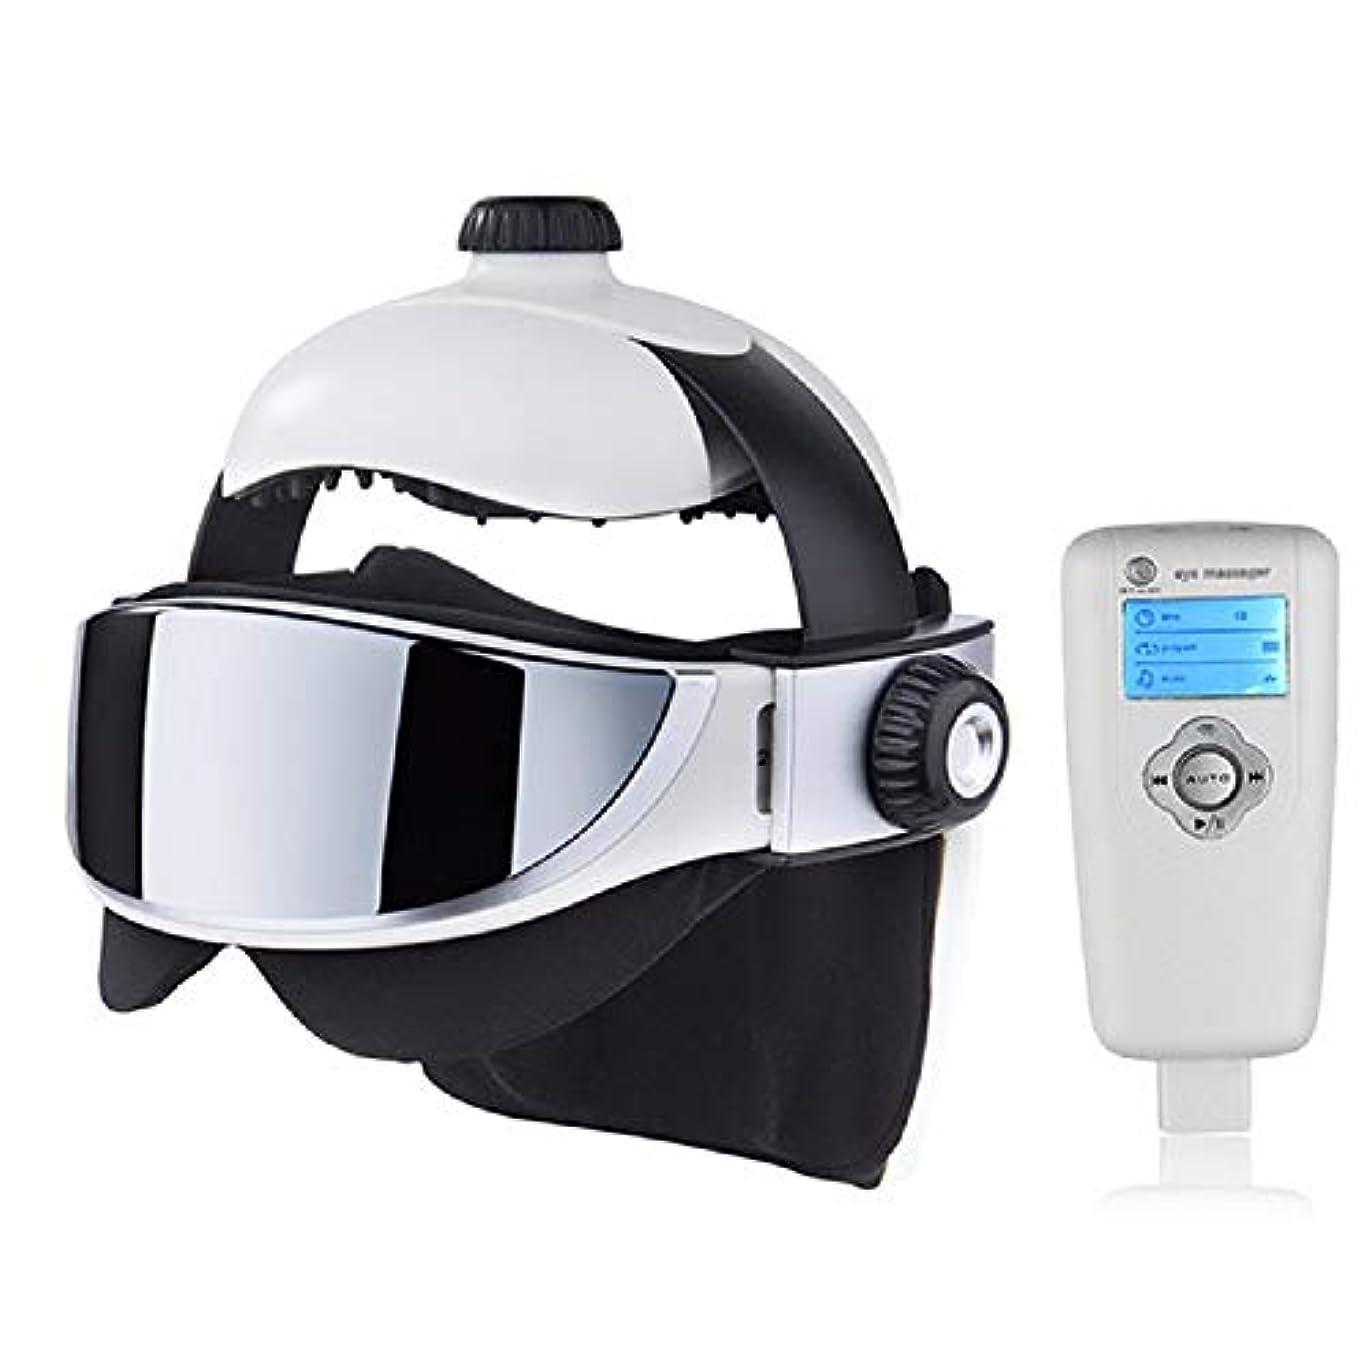 先知る送るMeet now 高度な圧子2イン1ヘッドマッサージ、アイマッサージ、高度な音楽マッサージヘルメットデザイン 品質保証